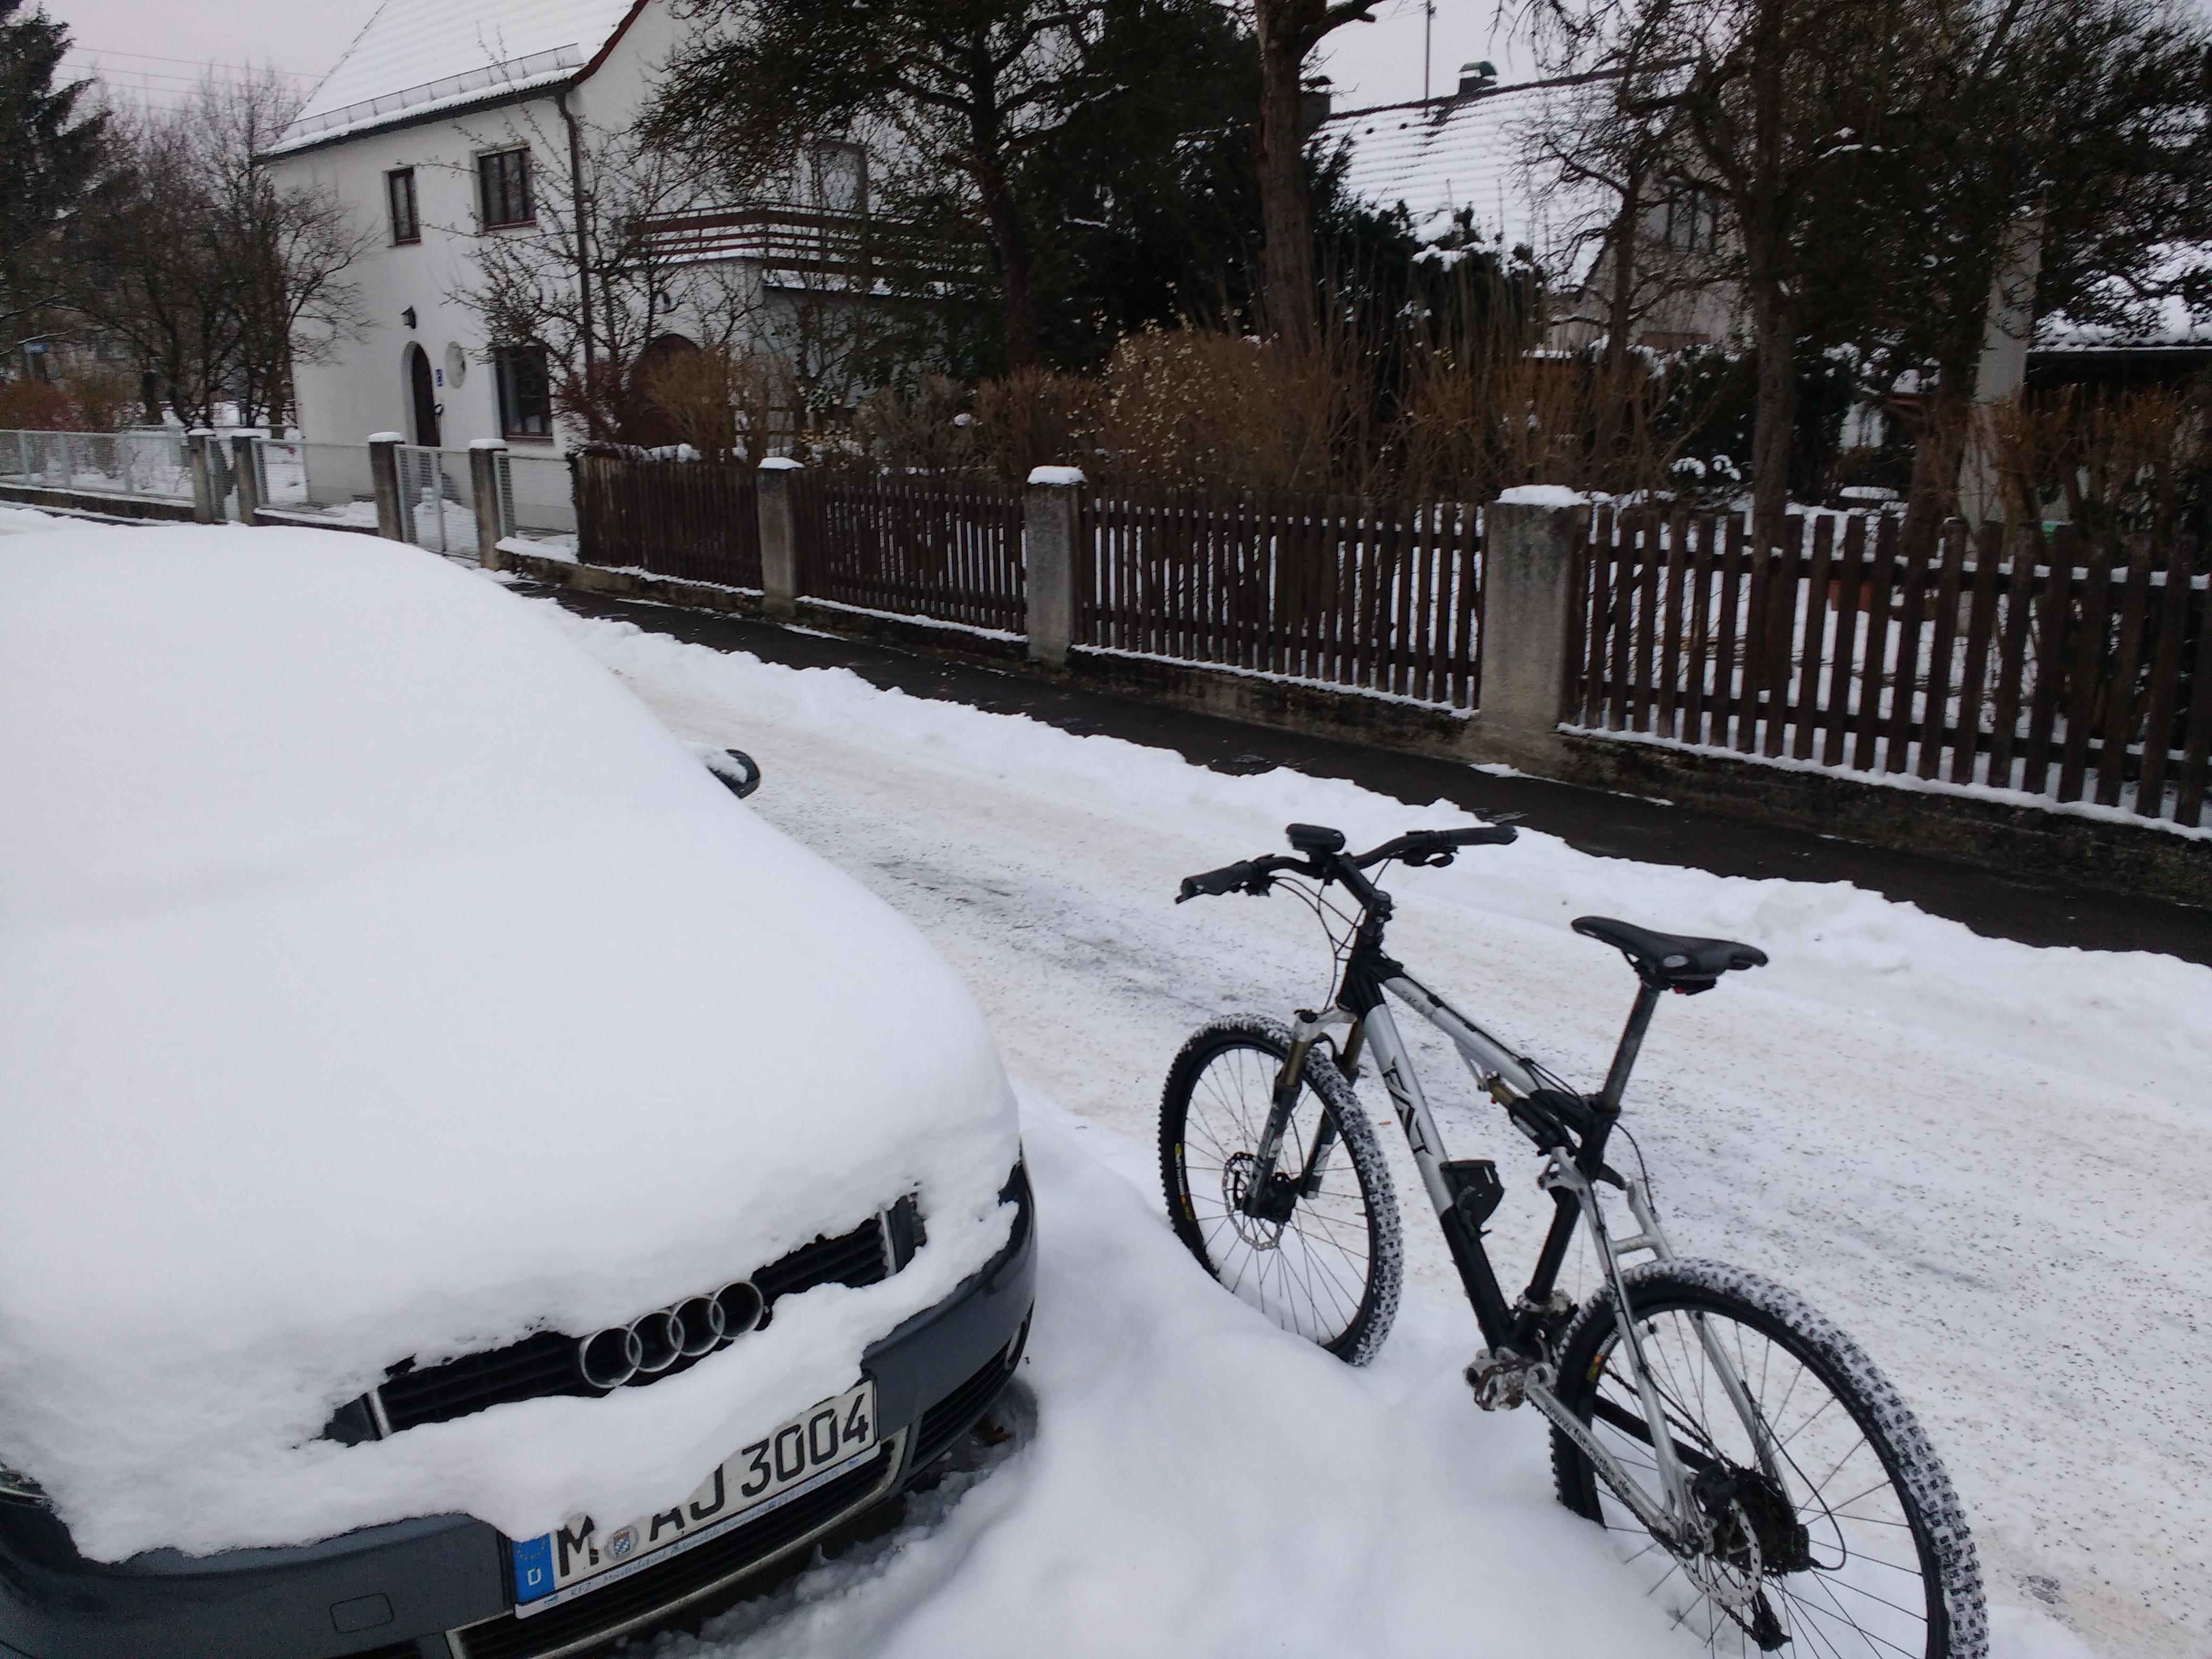 Fahrrad vor einem eingeschneitem Auto